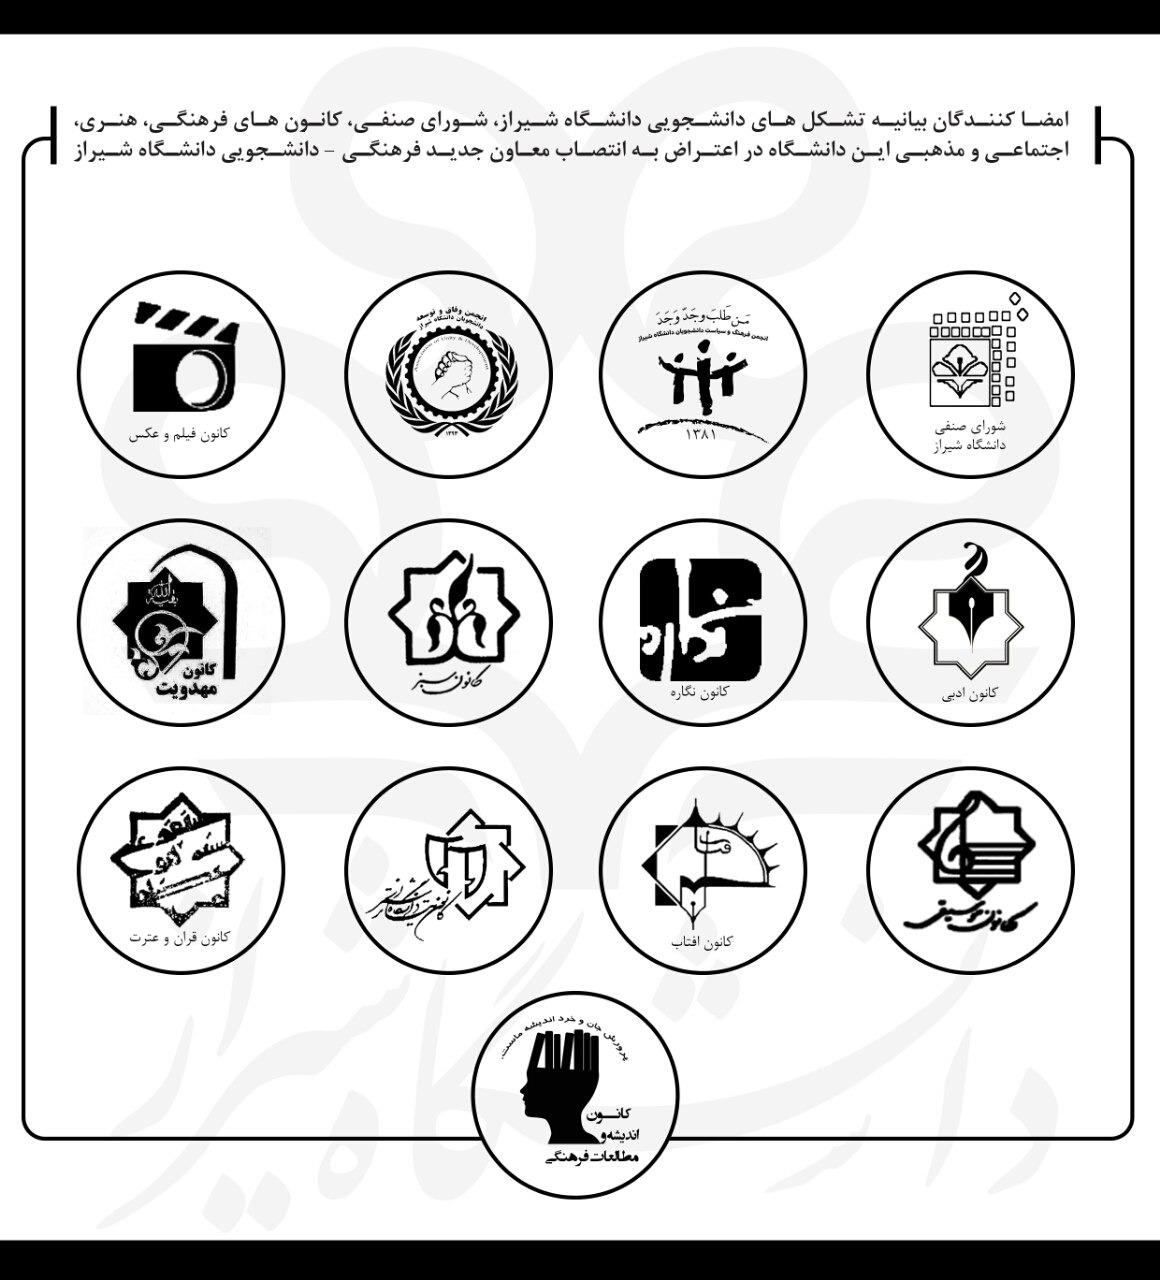 بیانیه تشکلهای دانشگاه شیراز: به سمت پاکسازی و محدودیت میرویم